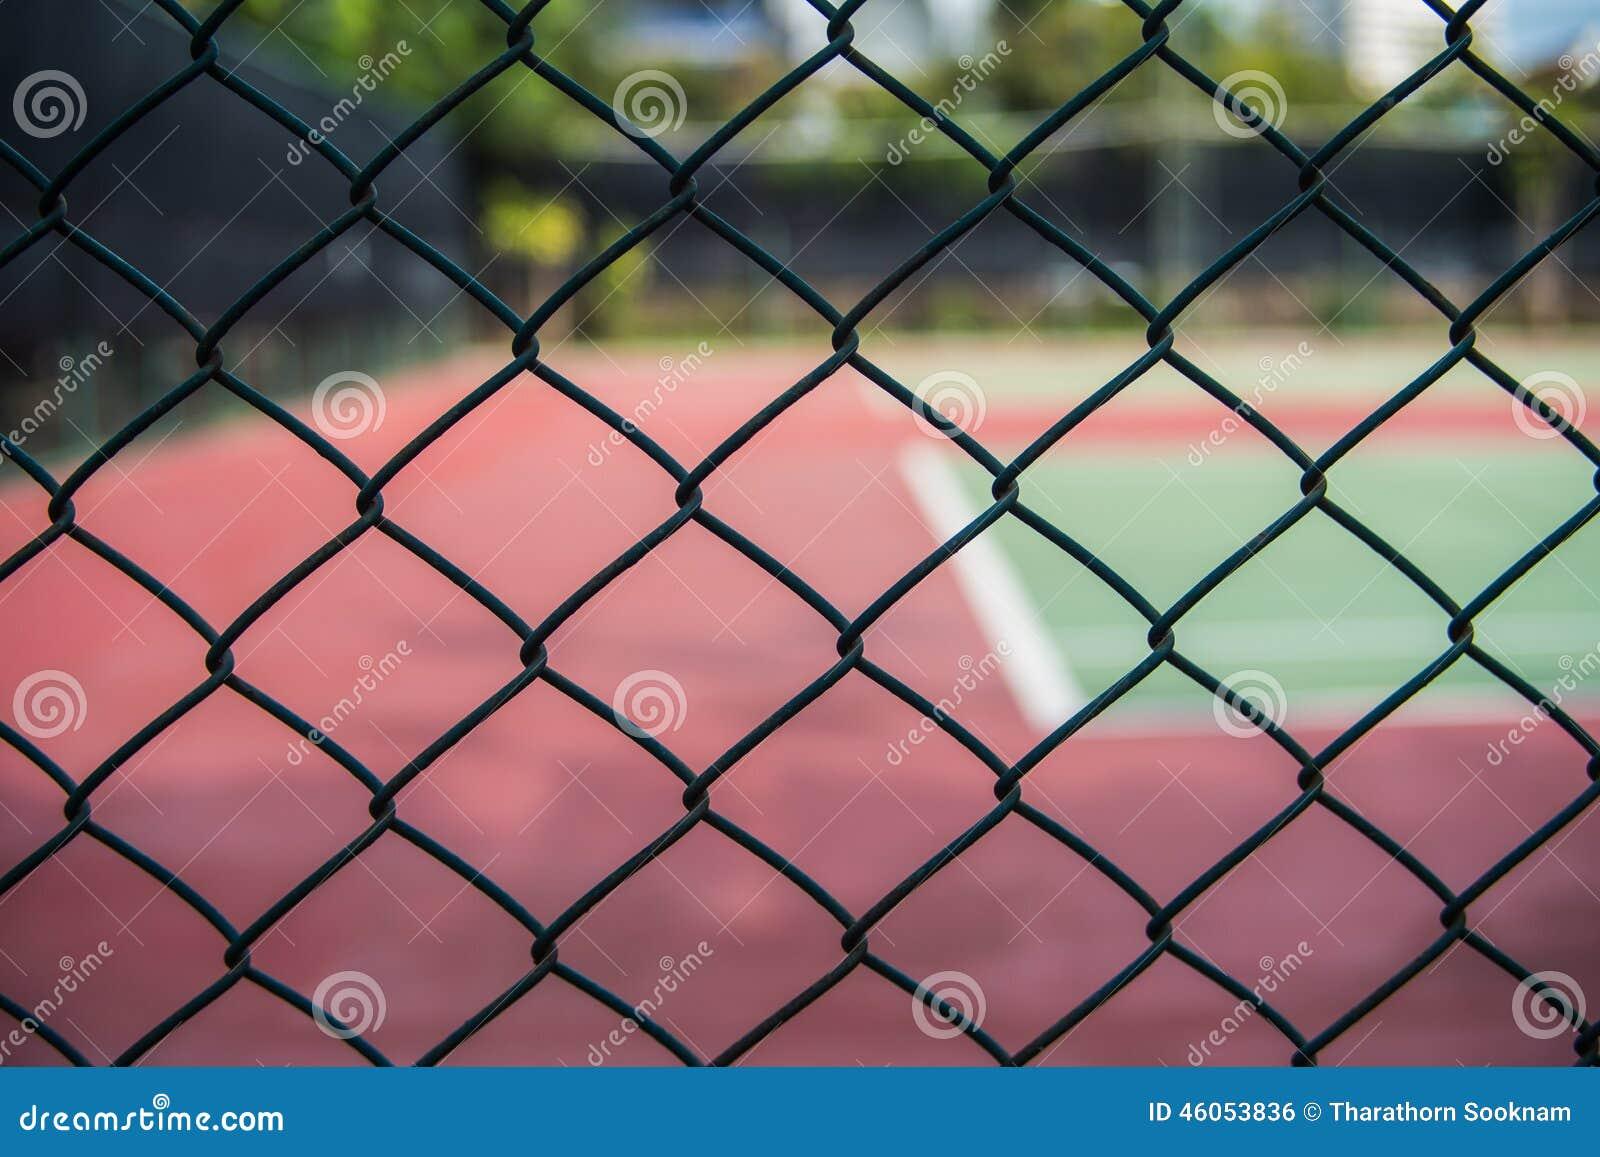 Barrière des courts de tennis